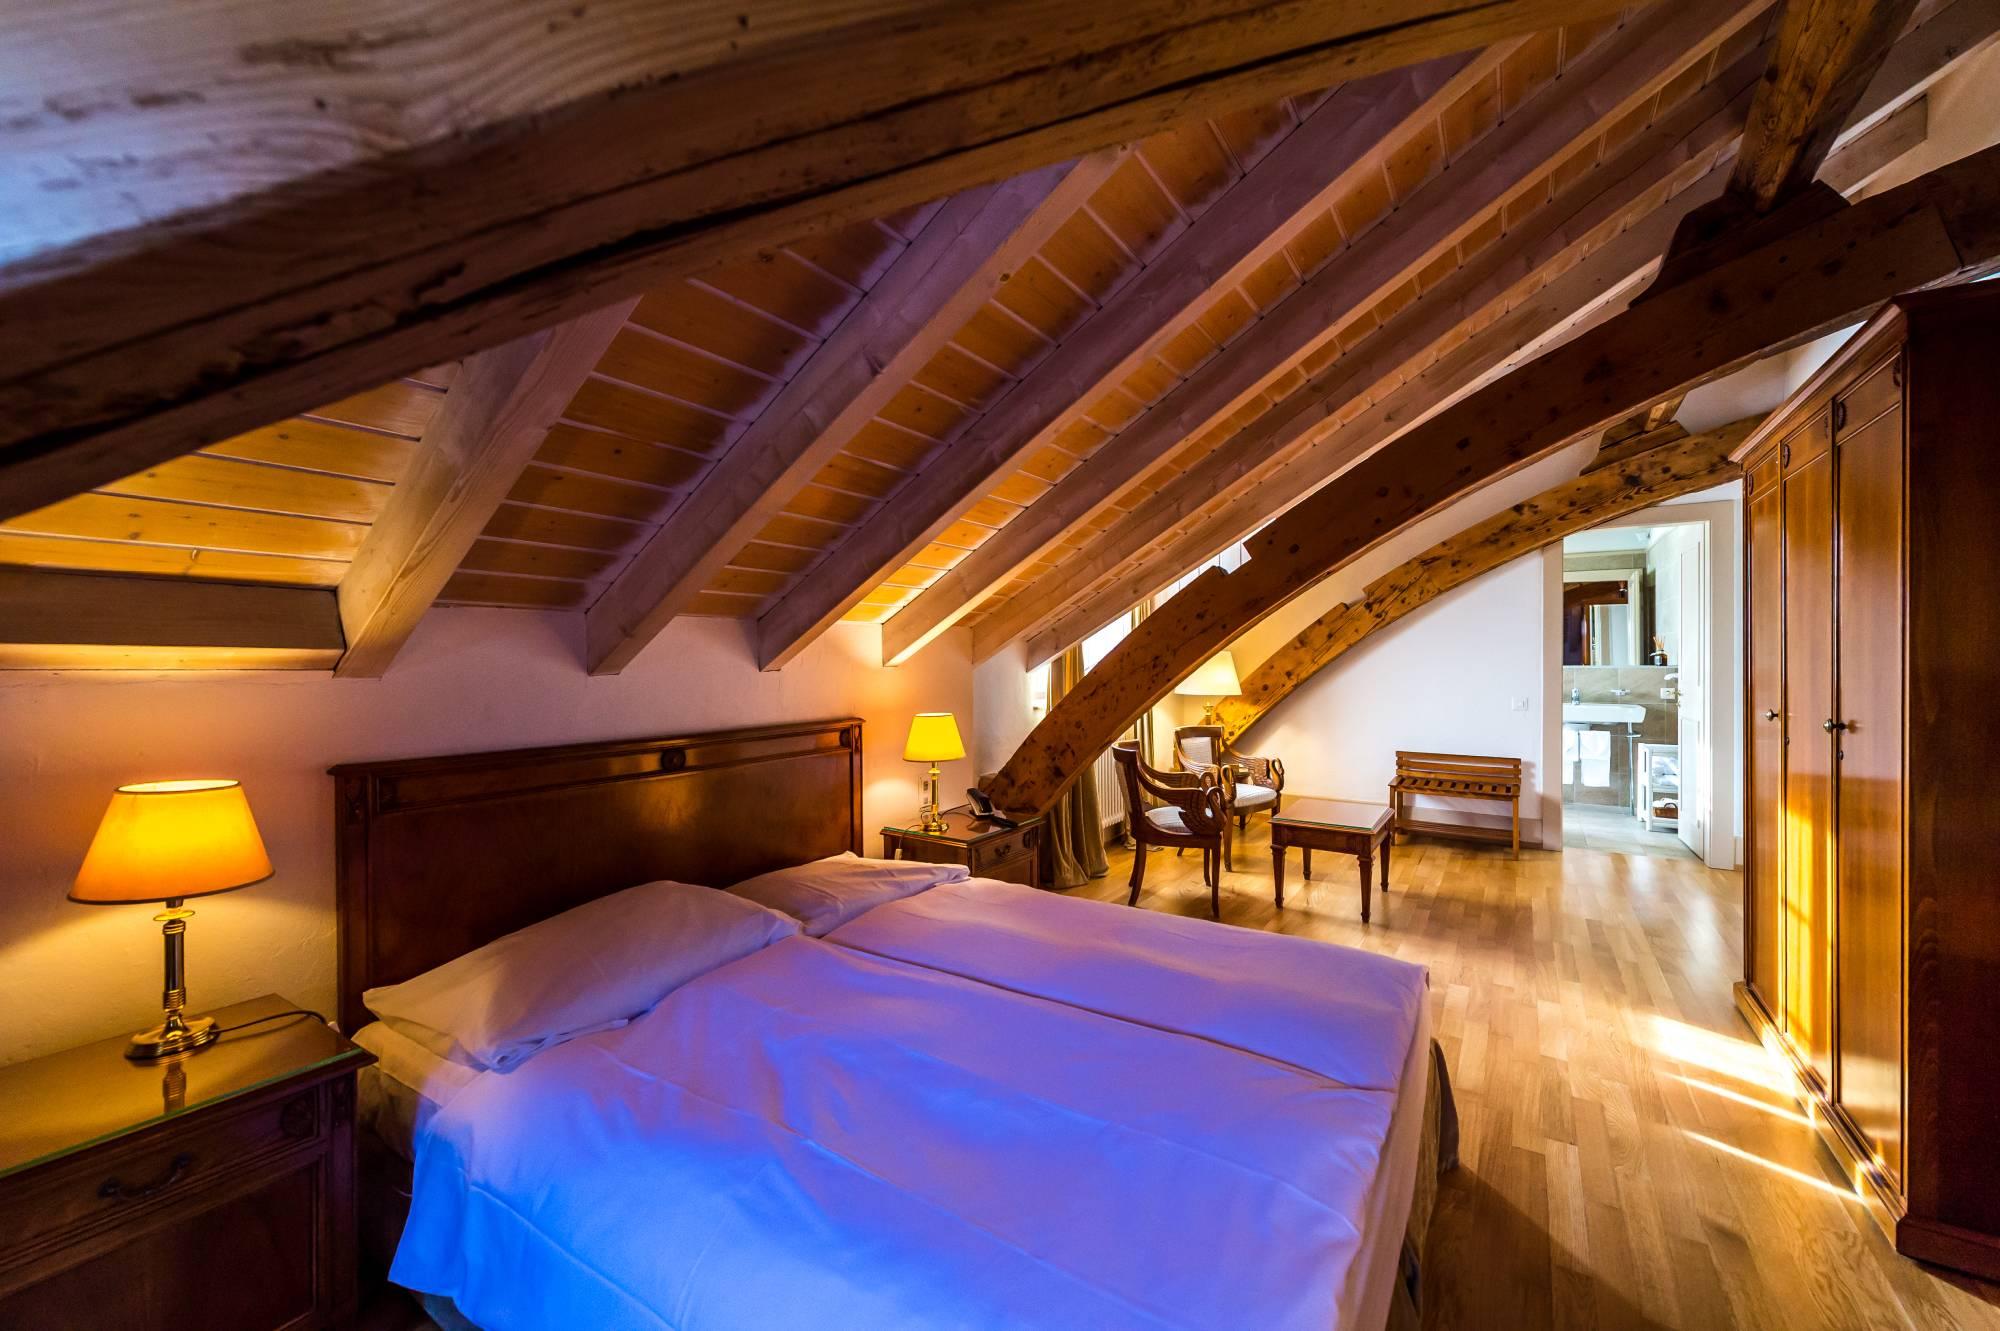 Galerie photo des chambres de la partie hôtel de l'Auberge du Raisin à Cully